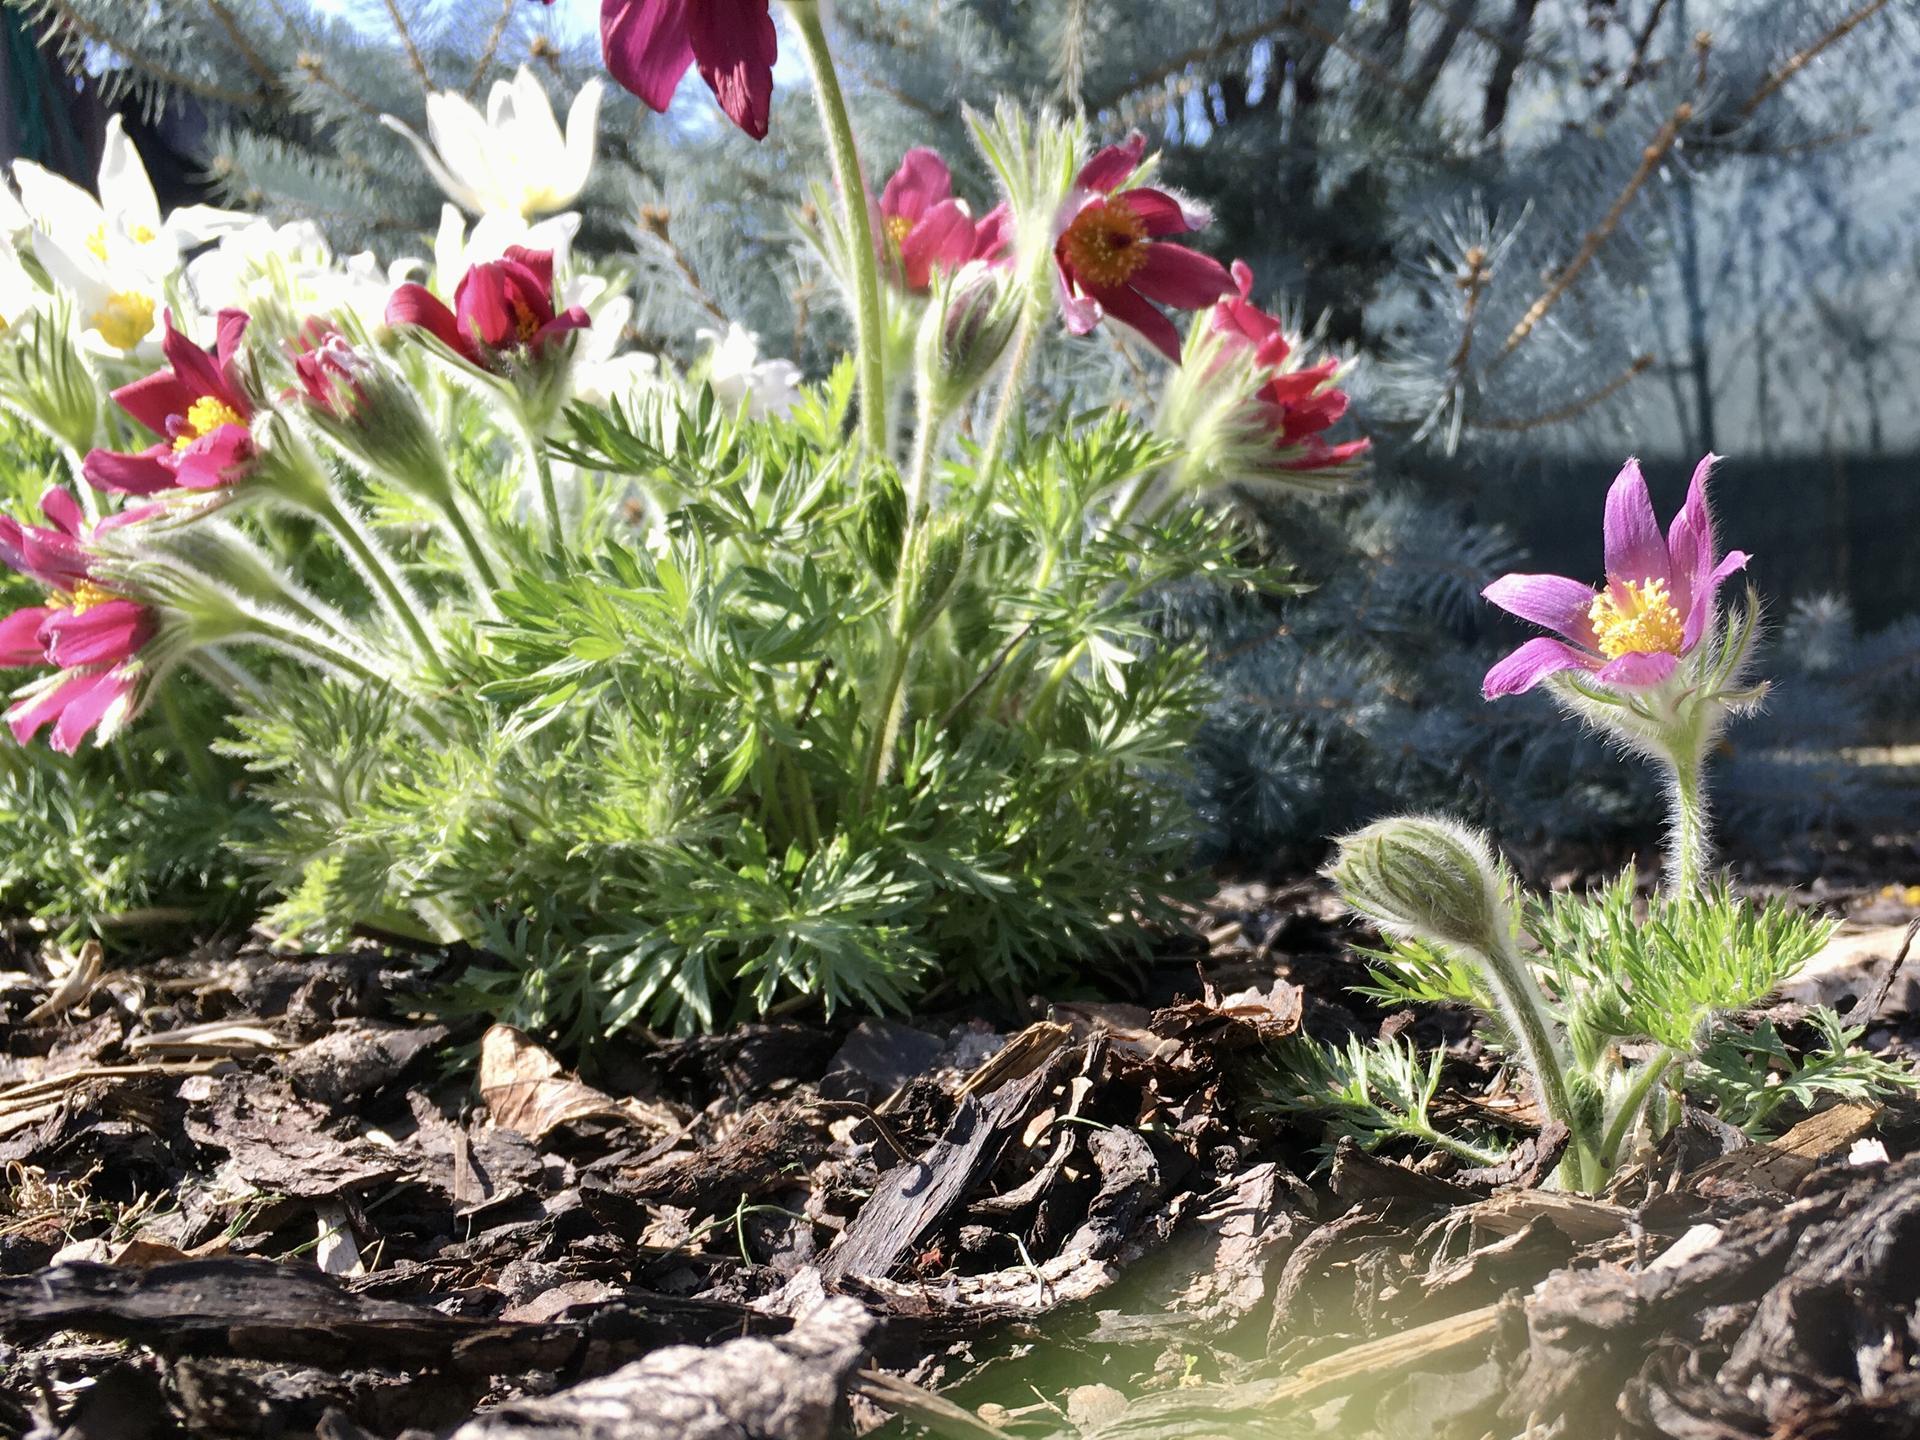 Naše zahradka s láskou ❤️ - Obrázek č. 22